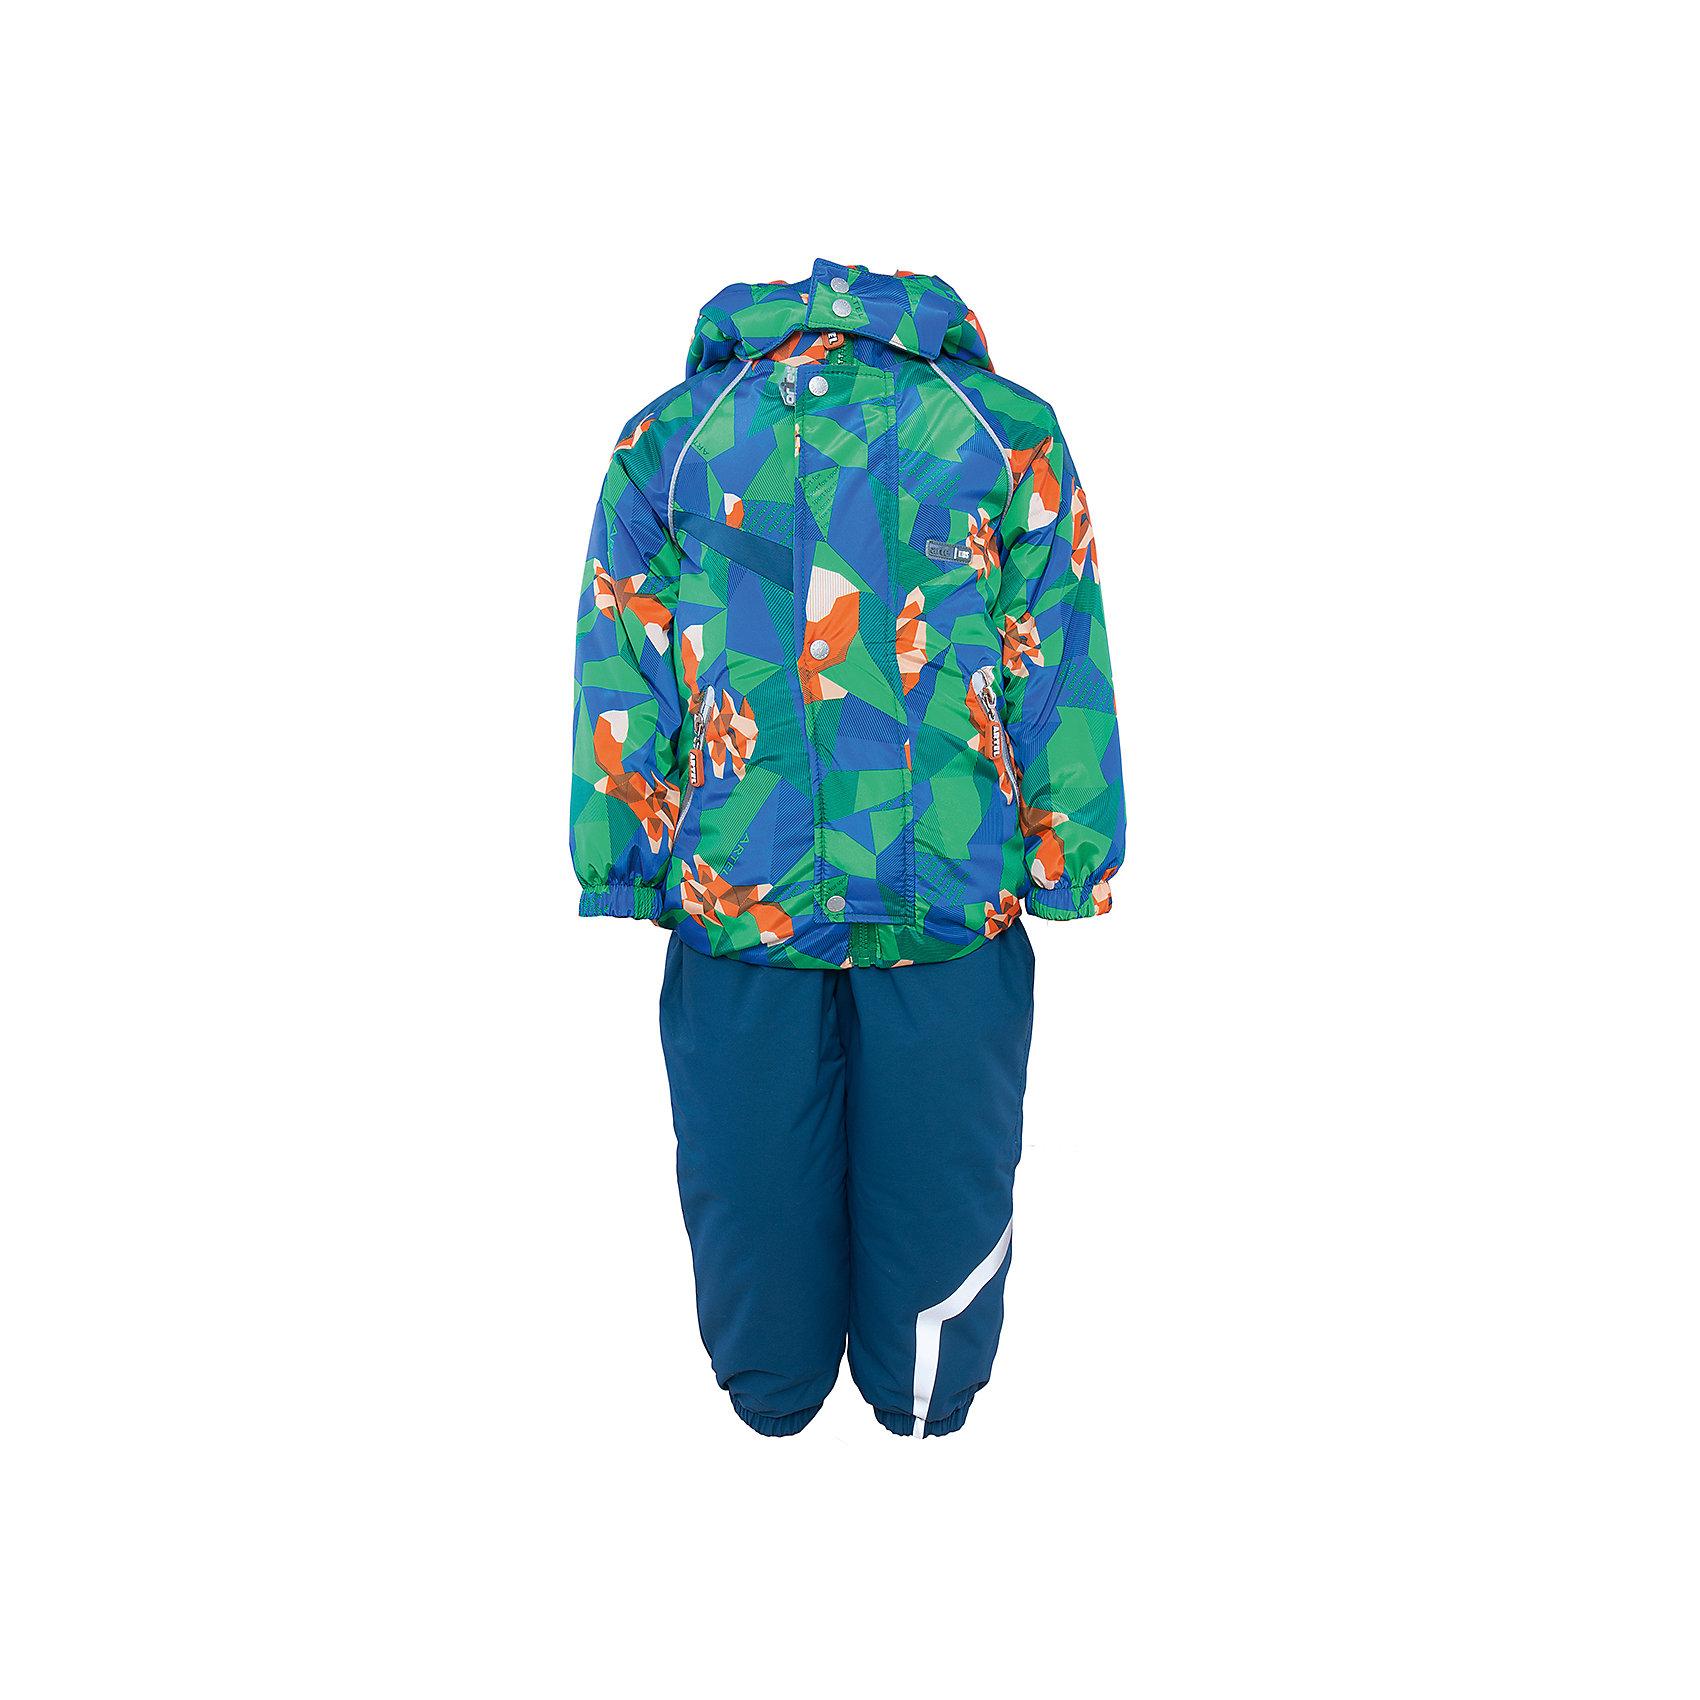 Комплект: куртка и полукомбинезон для мальчика АртельВерхняя одежда<br>Комплект: куртка и полукомбинезон для мальчика от известного бренда Артель<br>Комплект на современном утеплителеиз мембранной ткани, позволит малышу долго гулять даже в самую слякотную погоду, кататься с мокрых горок и не промокнуть. Куртка выполнена из ткани с оригинальным геометрическим принтом. Центральный замок на молнию прикрыт ветрозащитной планкой. У полукомбинезона регулируется длина бретелек. По низу штанишек расположены штрипки, которые фиксируются на сапожках, удерживают штанину от задирания и обеспечивают дополнительную защиту от скольжения. Сзади, по линии талии, для дополнительной фиксации, расположена резинка.<br>Состав:<br>Верх: KB-703 HiPora<br>Подкладка: интерлок<br>Утеплитель: TermoFinn 200<br>Полукомбинезон:<br>Верх: Dobby HiPora<br>Подкладка: флис, пэ<br>Утеплитель: TermoFinn 200<br><br>Ширина мм: 215<br>Глубина мм: 88<br>Высота мм: 191<br>Вес г: 336<br>Цвет: синий<br>Возраст от месяцев: 48<br>Возраст до месяцев: 60<br>Пол: Мужской<br>Возраст: Детский<br>Размер: 110,98,104<br>SKU: 4963995